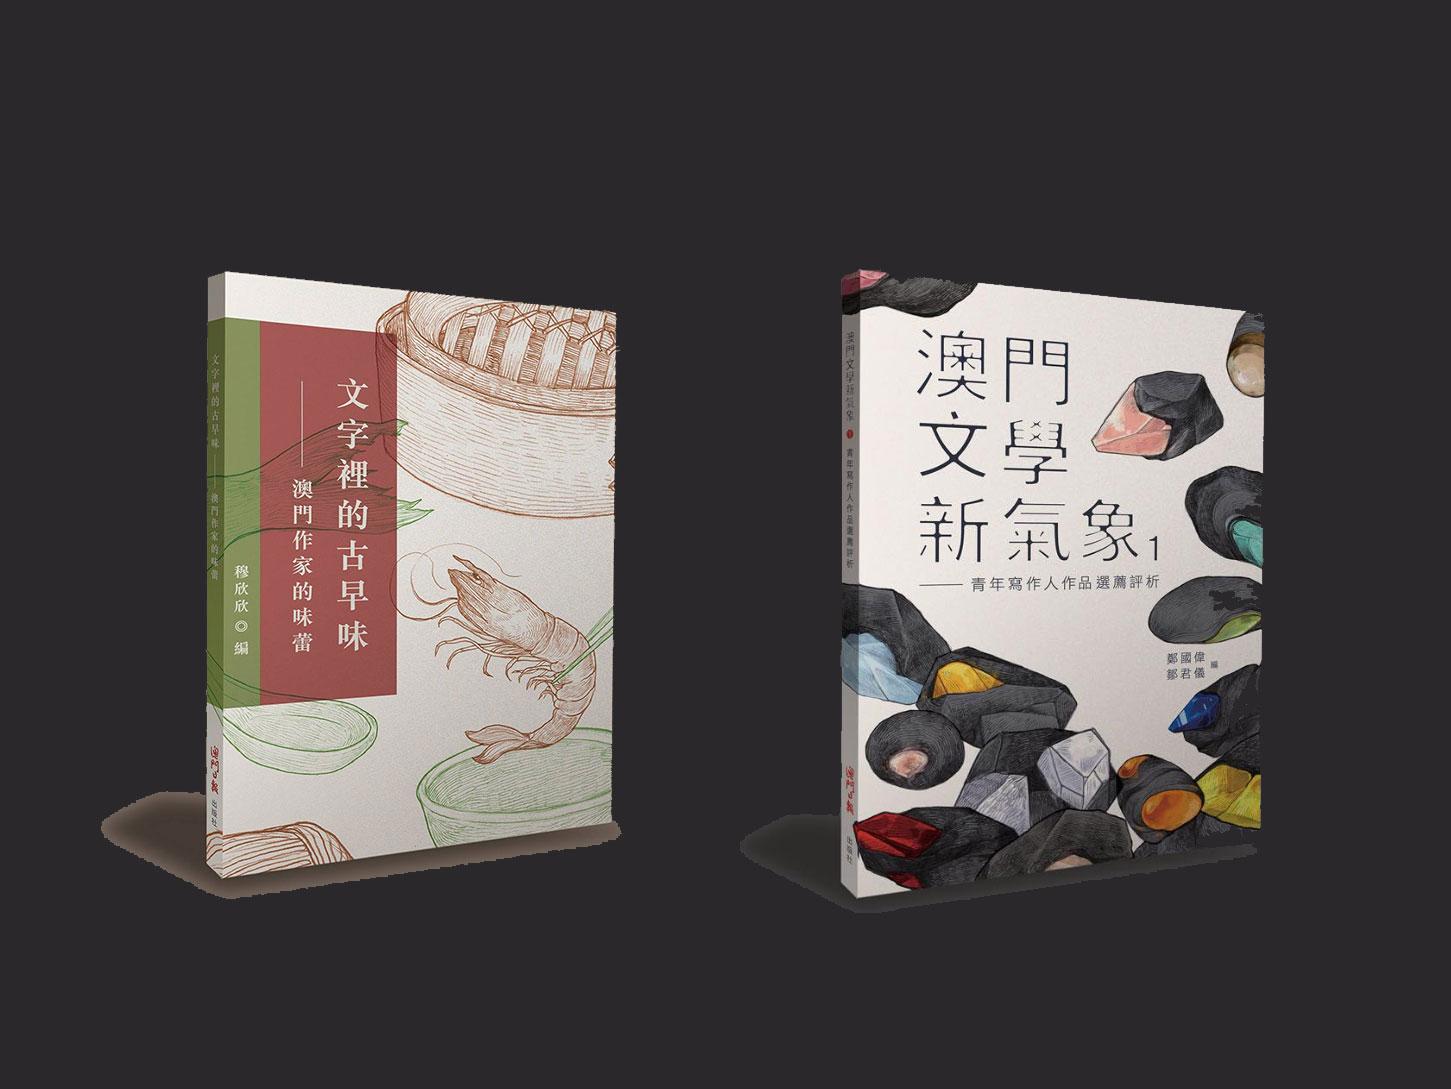 介绍本土美食陶醉味觉冲击,书香文化节两新书首发